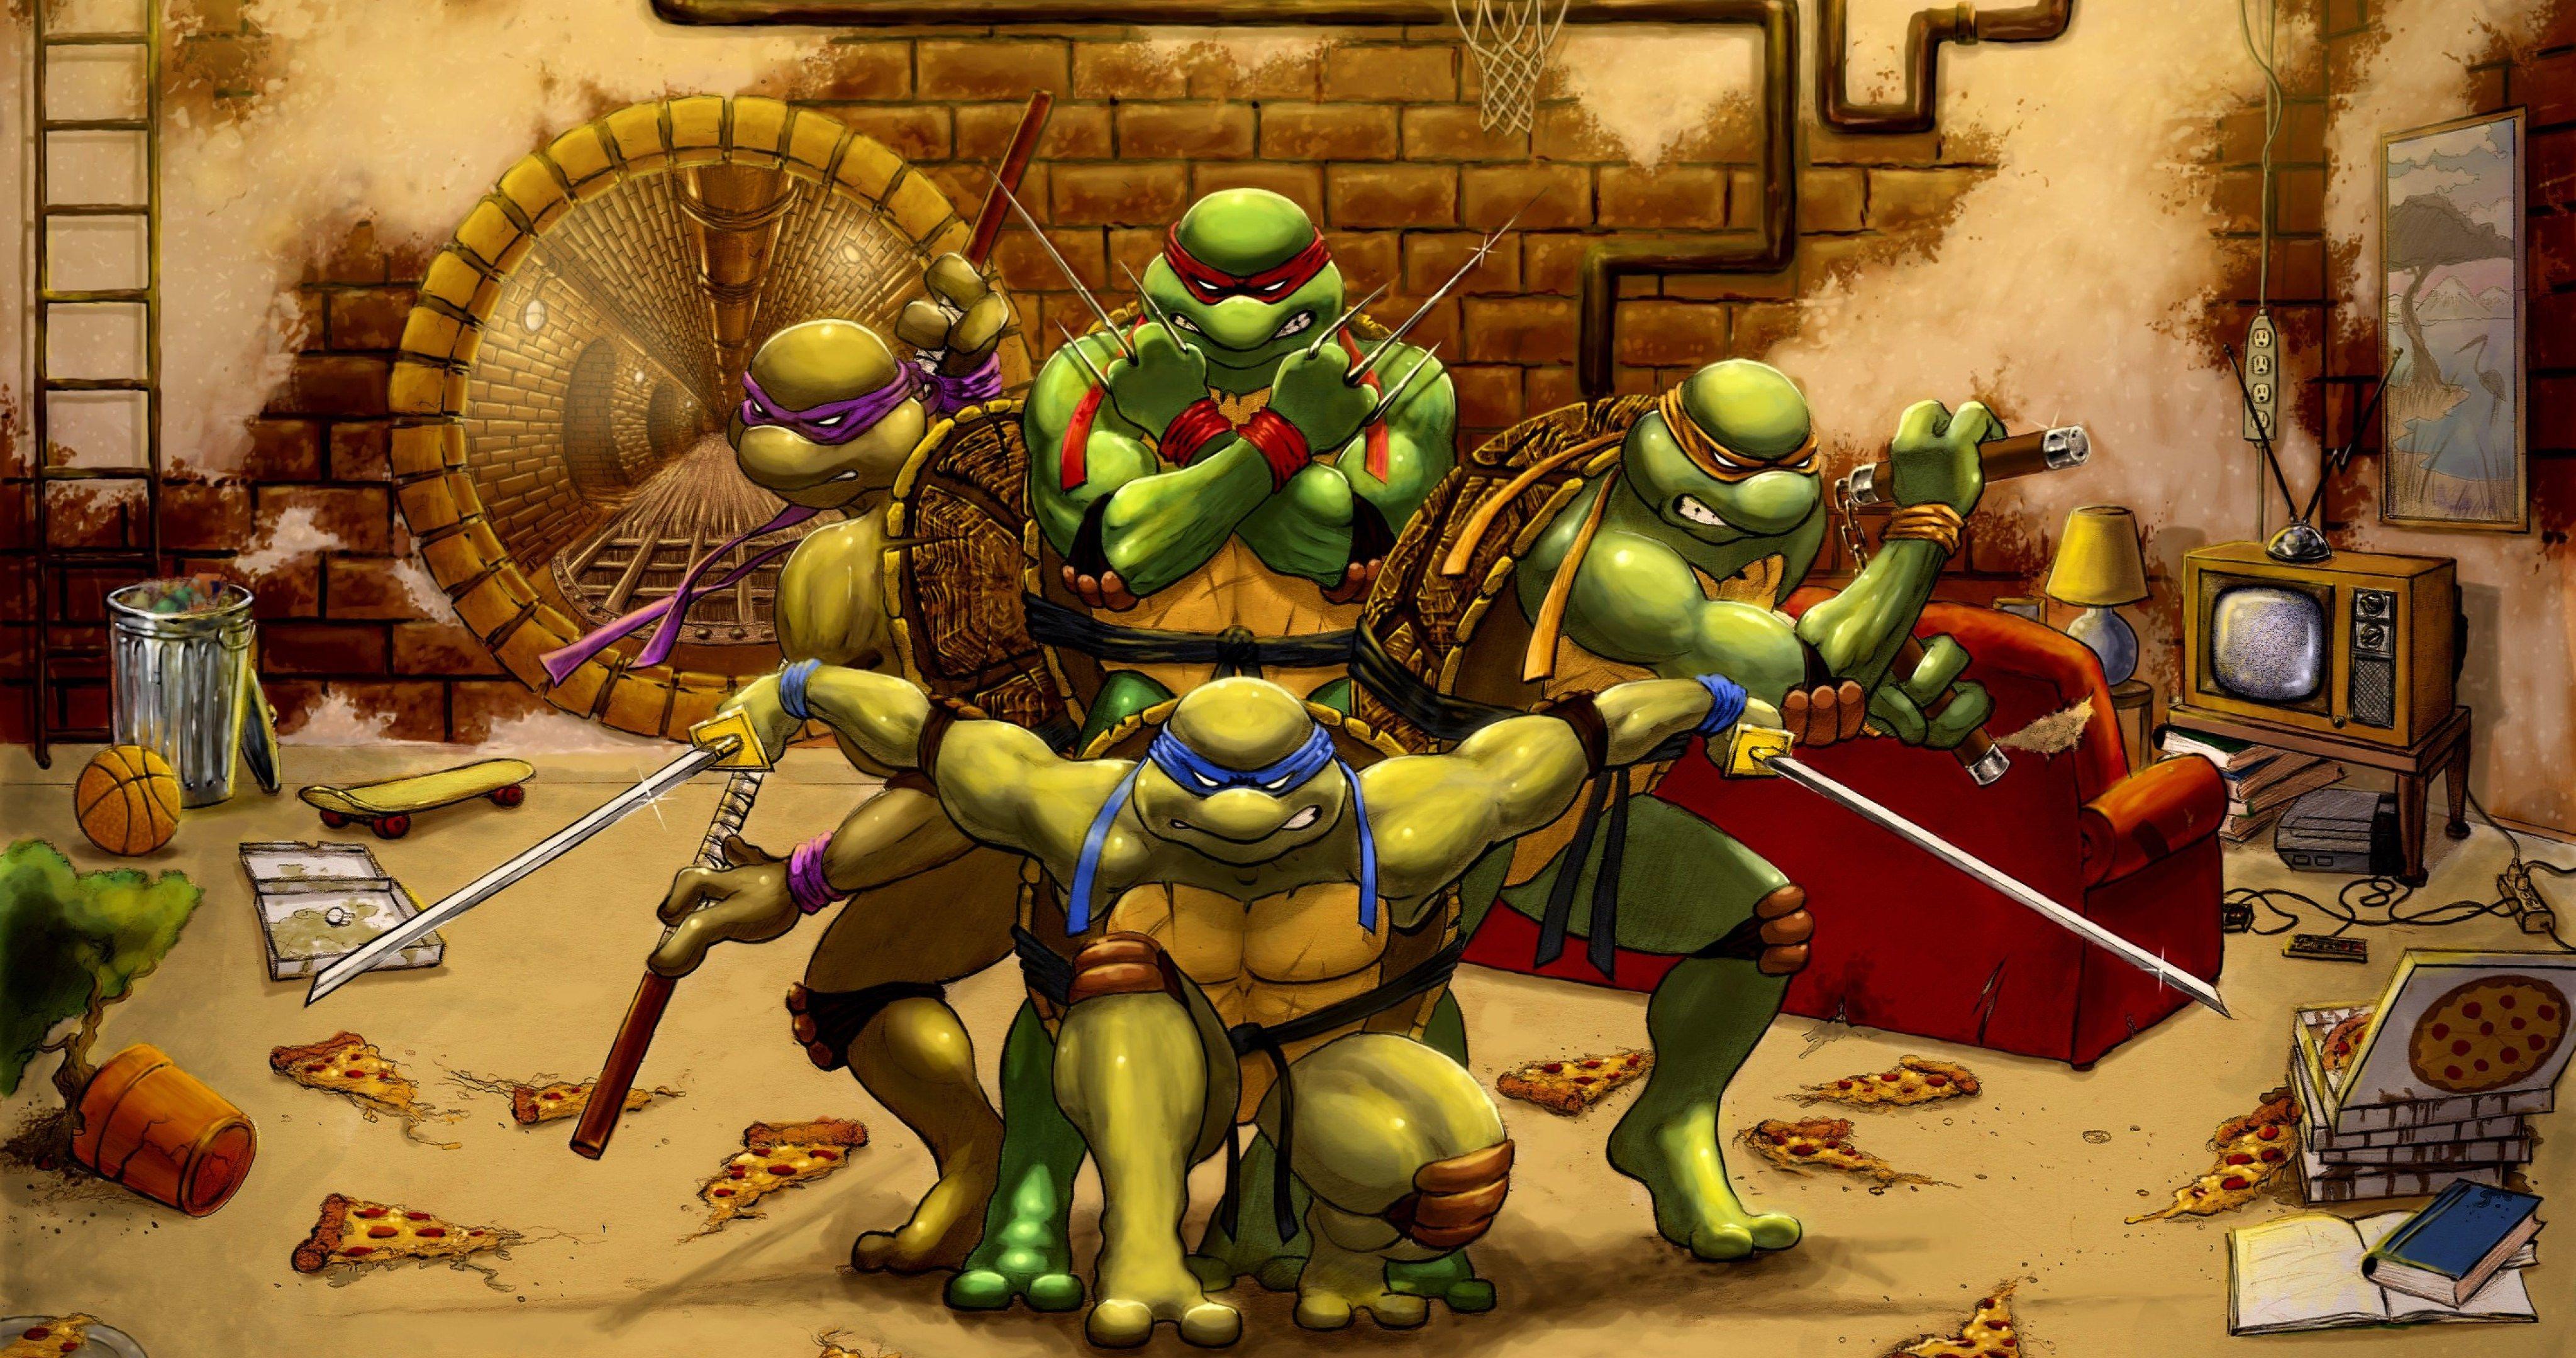 Fantastisch Schildkröten Ninja Malvorlagen Fotos - Malvorlagen Von ...